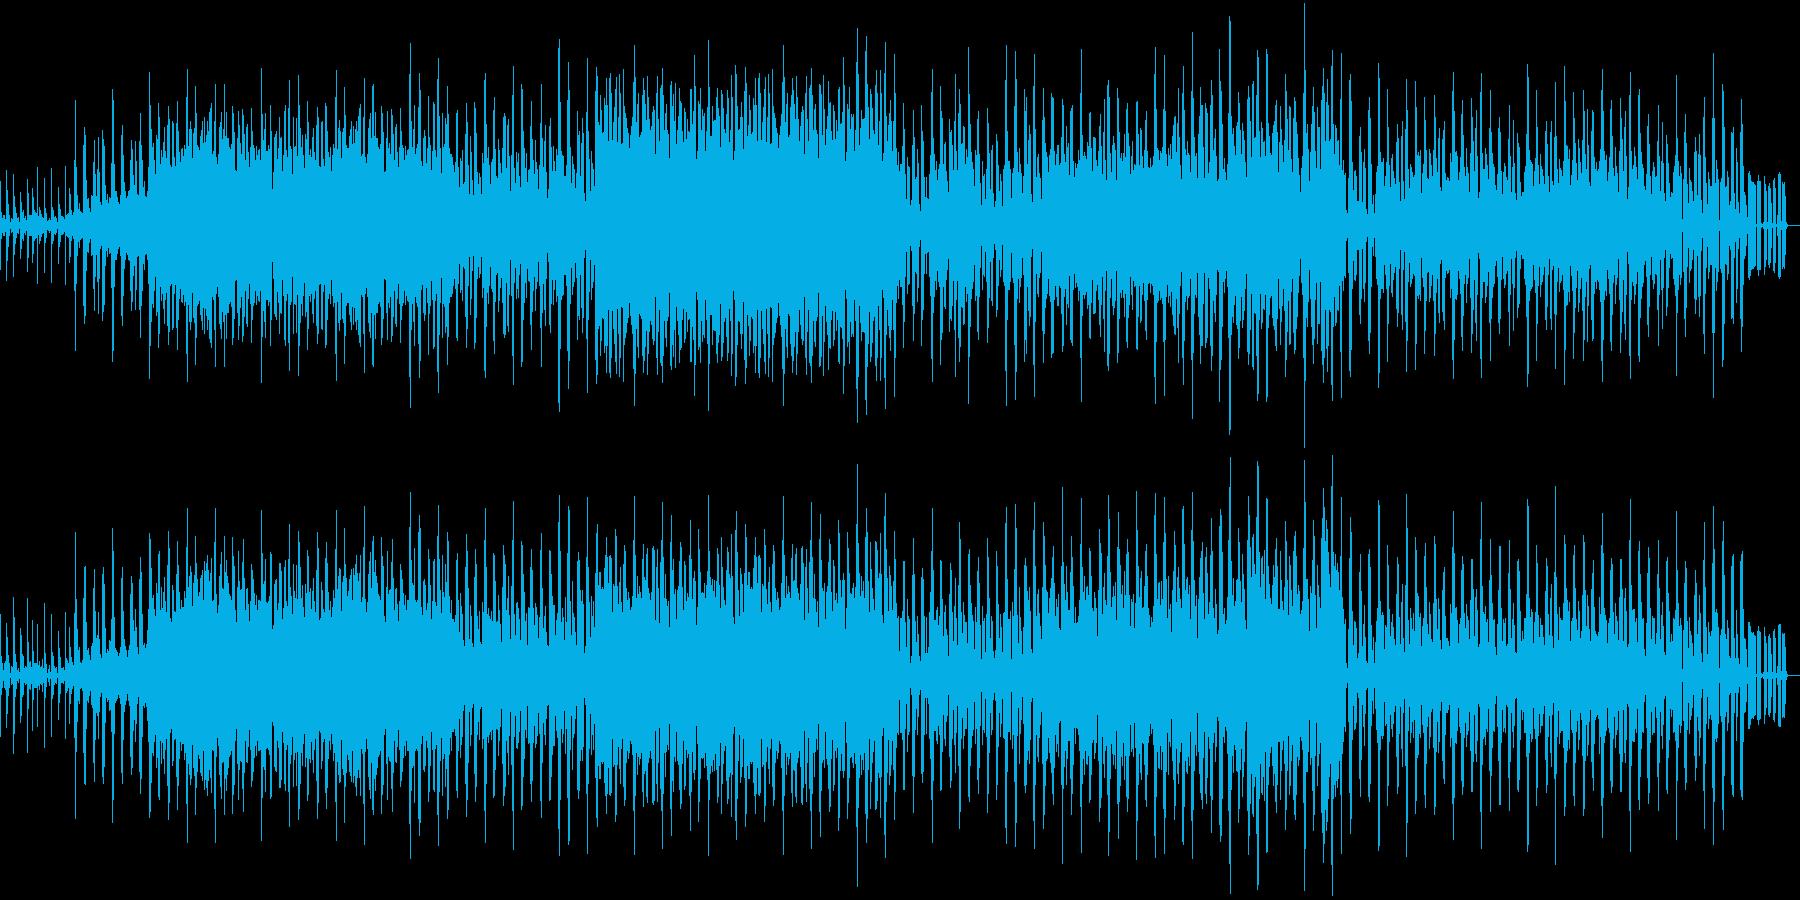 アジアンテイストの夏向きダンスBGMの再生済みの波形